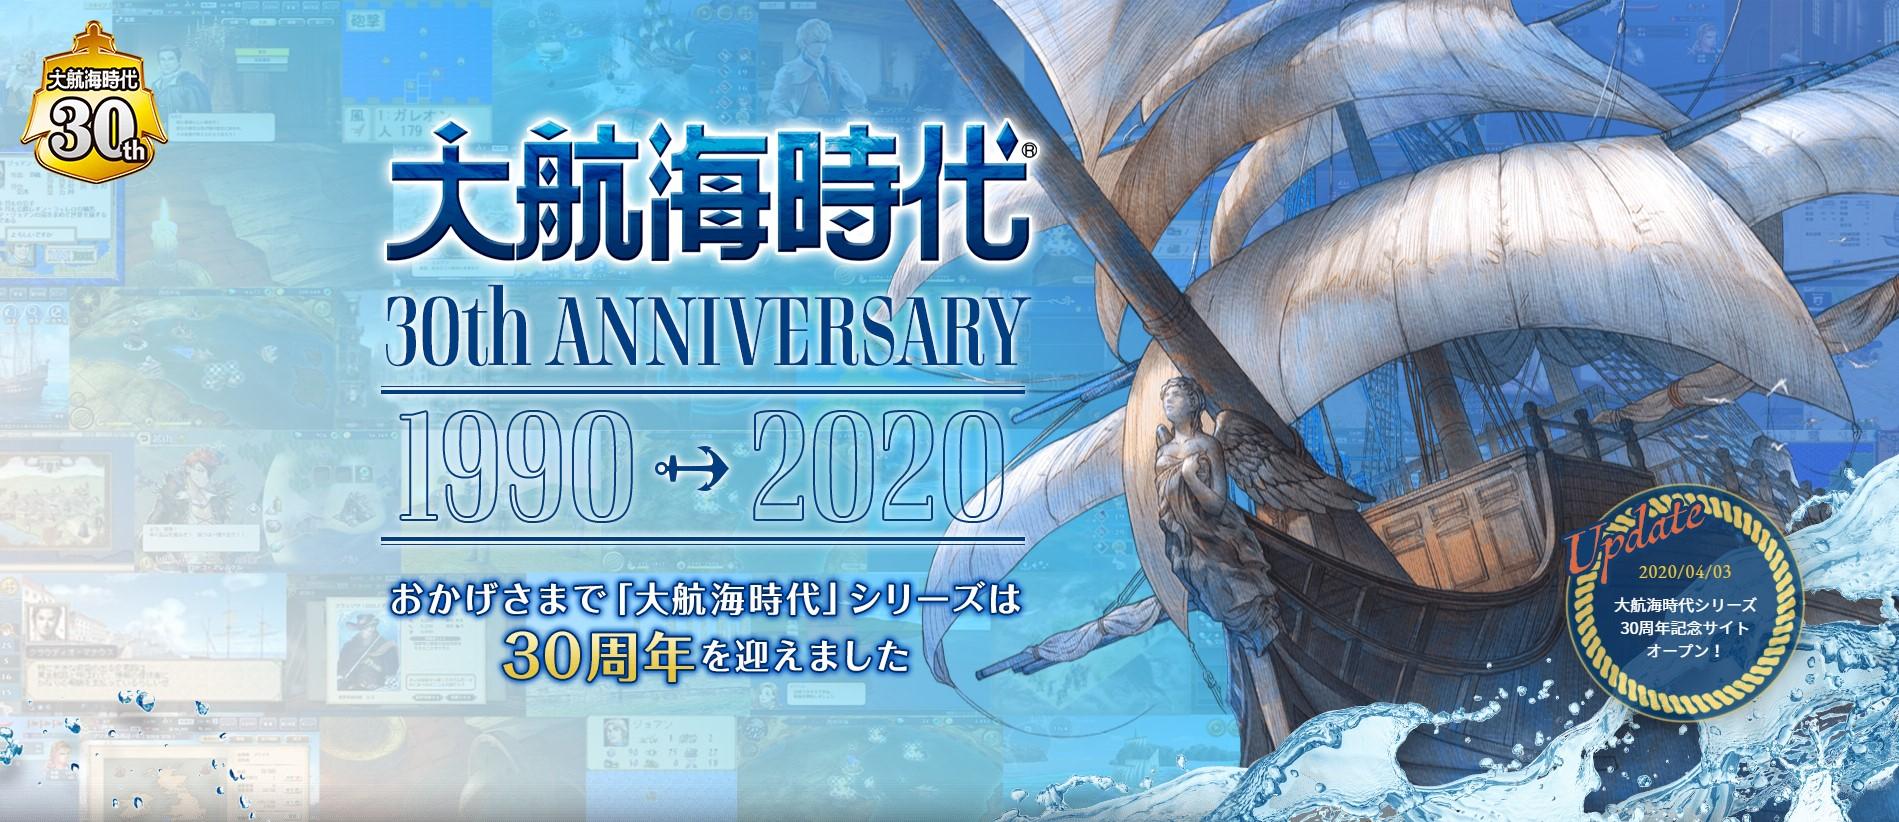 扬帆远航30年 《大航海时代》30周年纪念网站上线